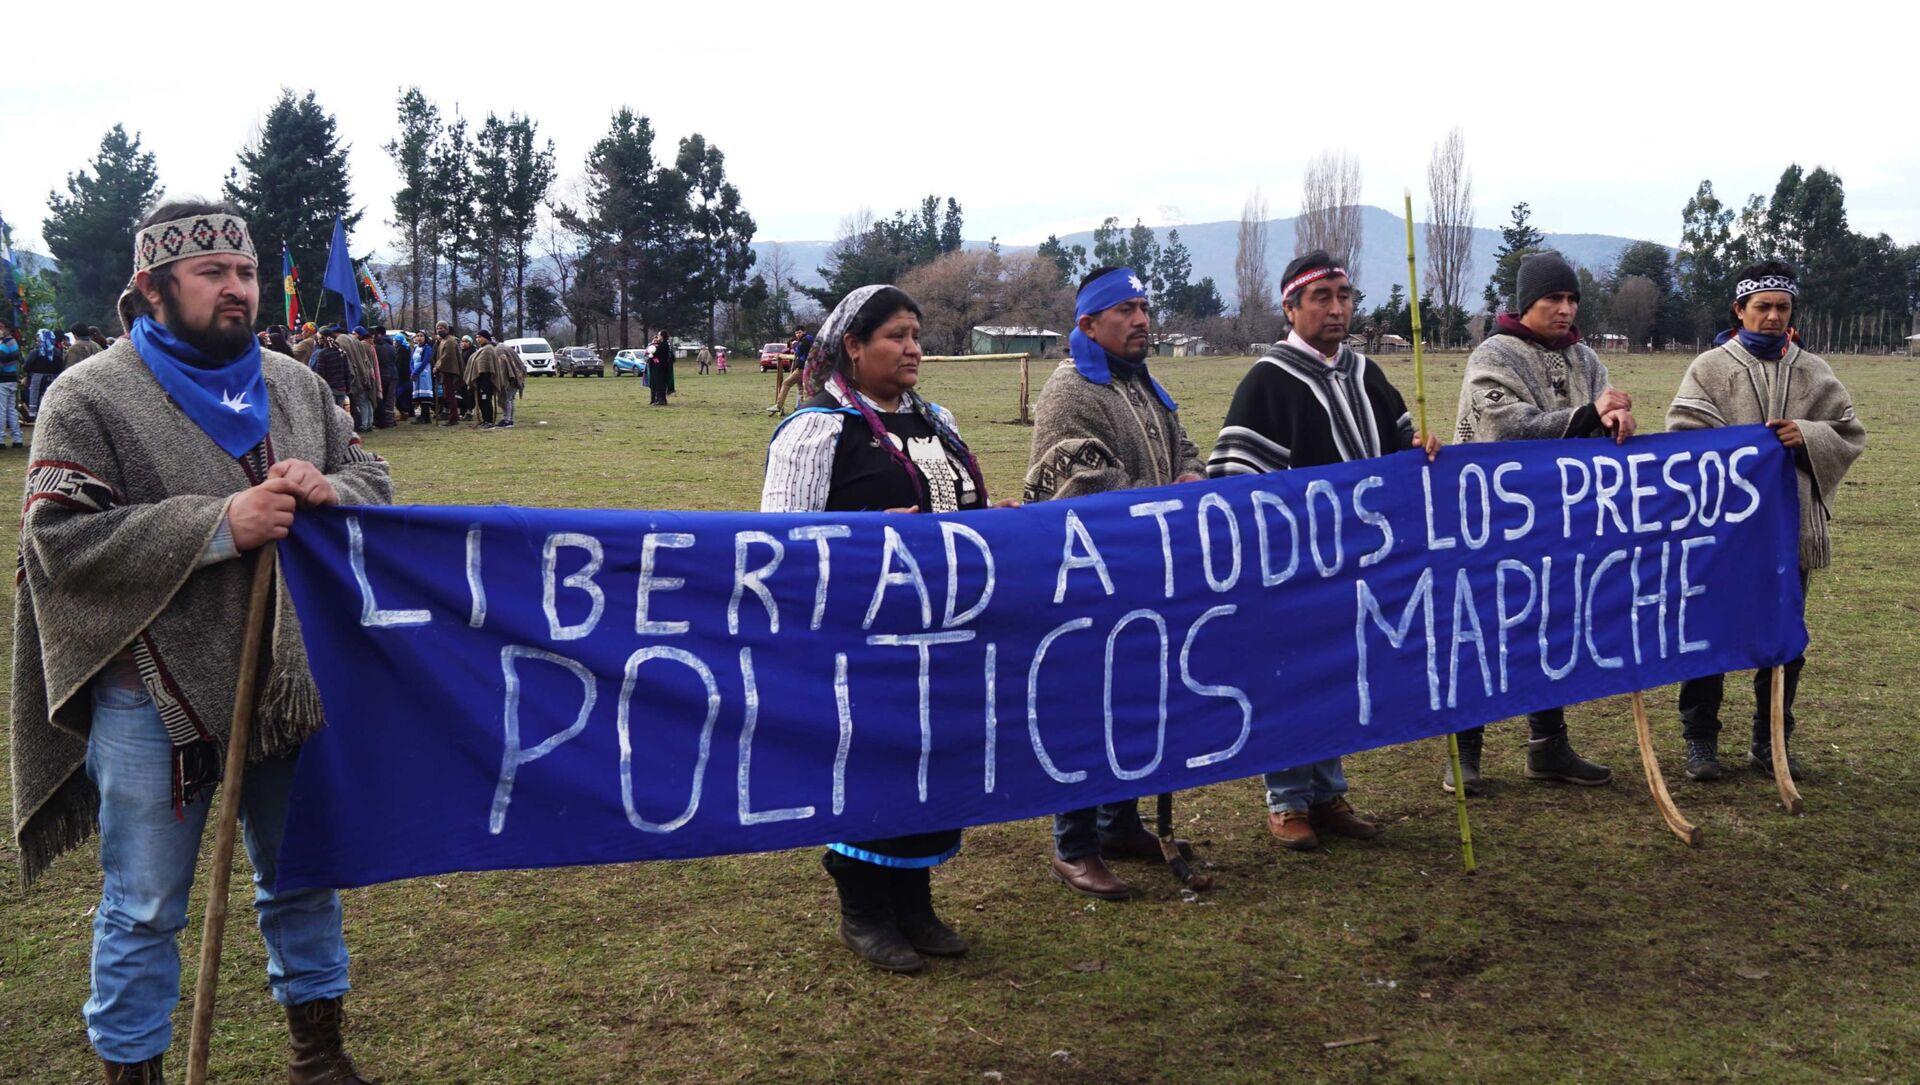 Pedido de libertad a los presos políticos mapuche - Sputnik Mundo, 1920, 11.08.2020